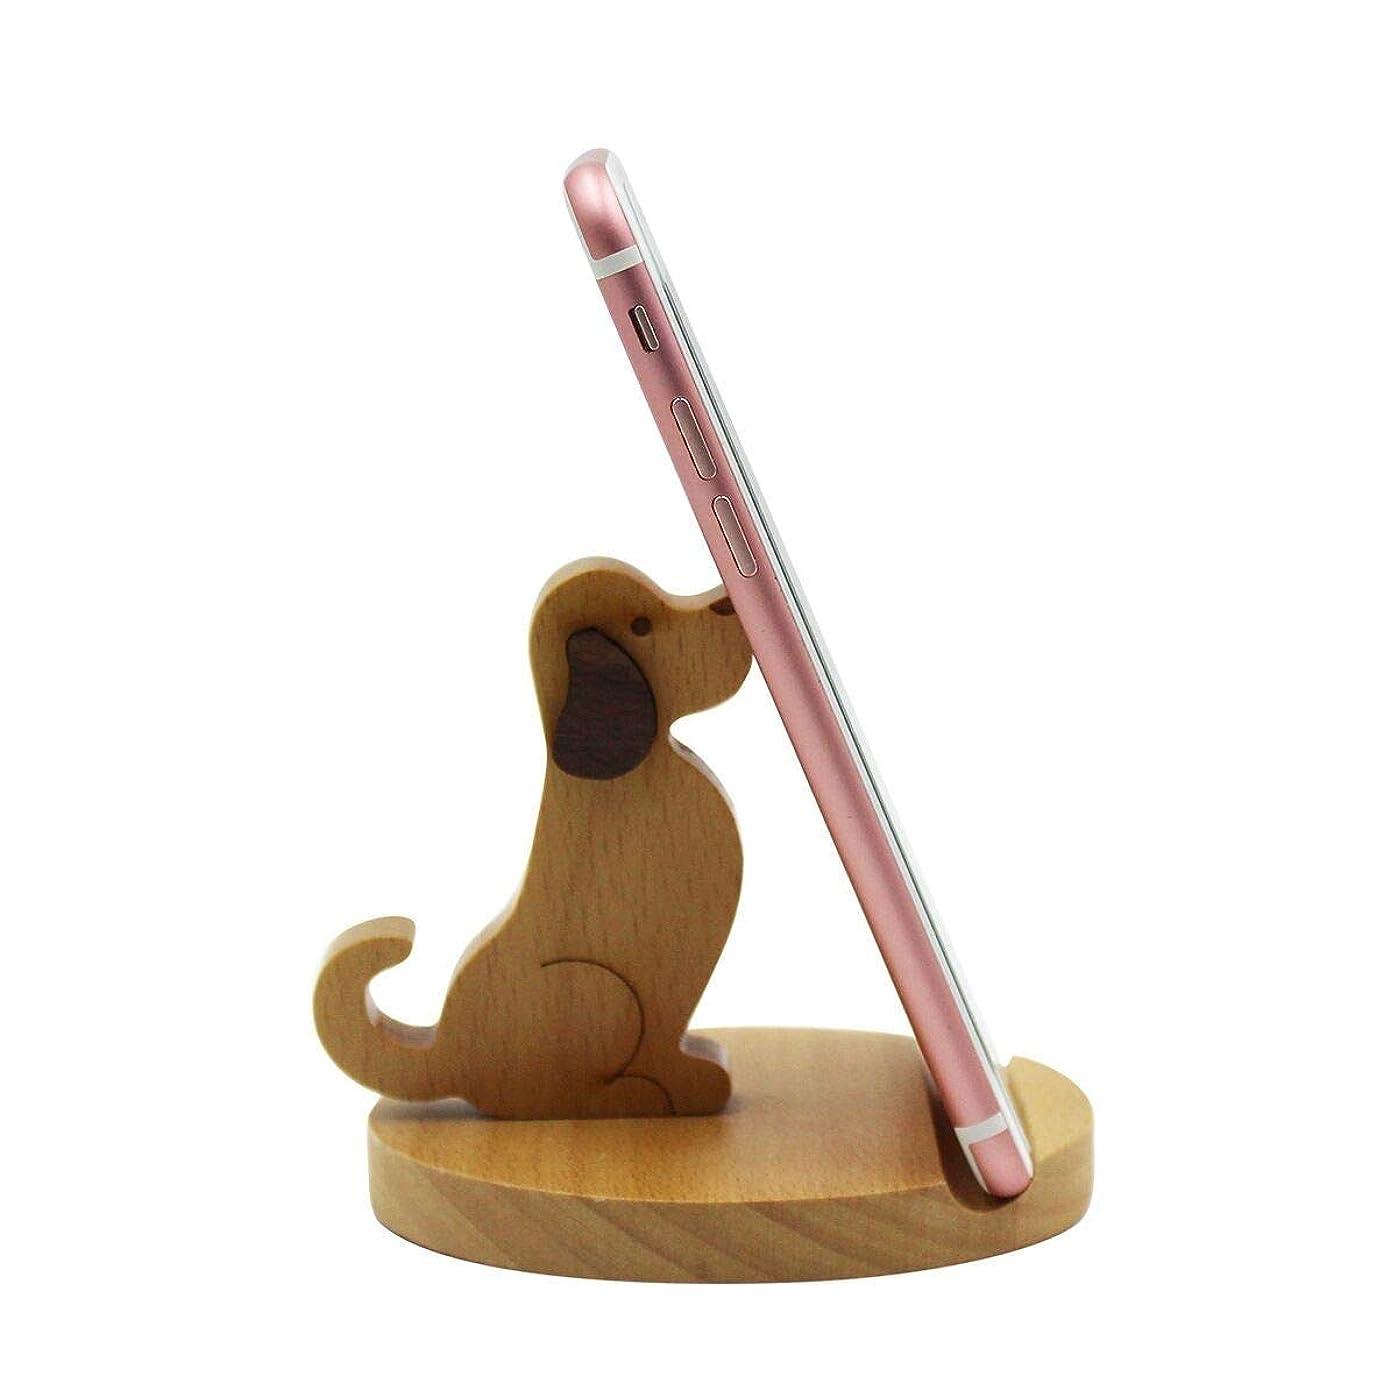 スリッパ暫定の明快QTKGG IPhone XS/最大/XR/X / 8月7日プラス/ Googleのピクセル/三星銀河(注)のためのかわいい犬携帯電話ホルダースタンド、木製スマートフォンデスクホルダー